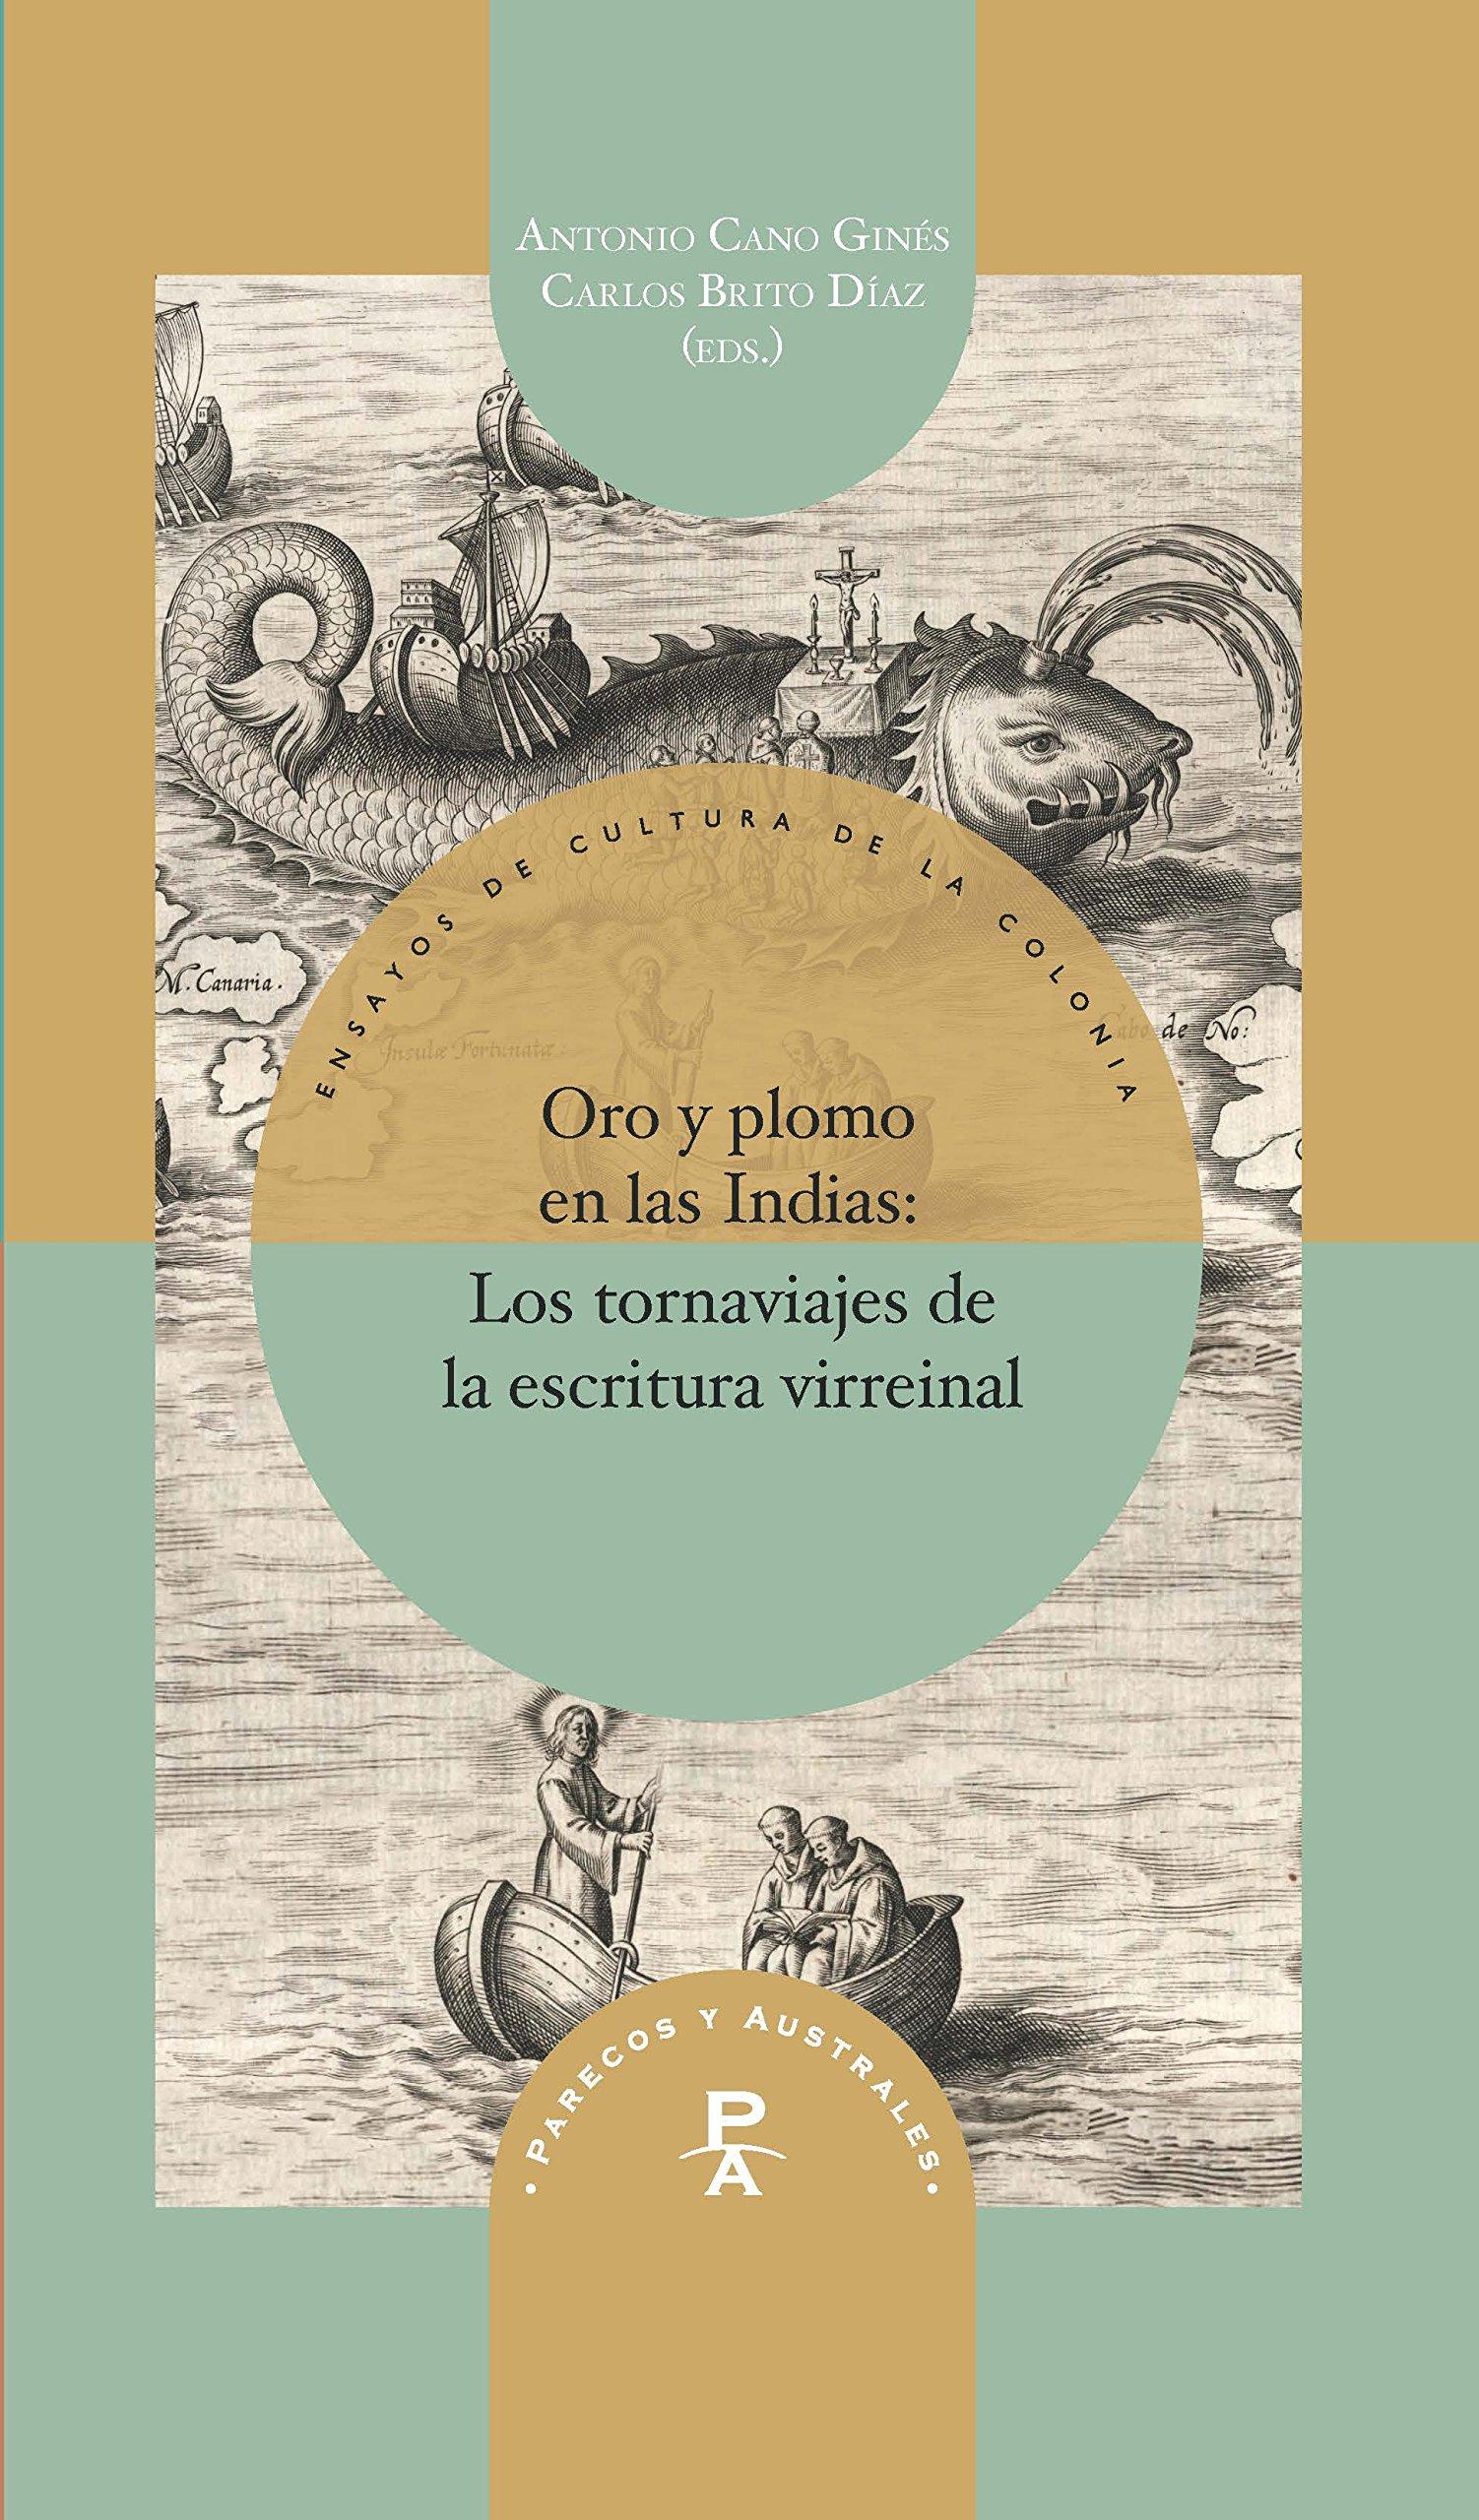 Ensayos de Cultura de la Colonia: Amazon.es: Carlos Brito Díaz (eds.). Antonio Cano Ginés: Libros